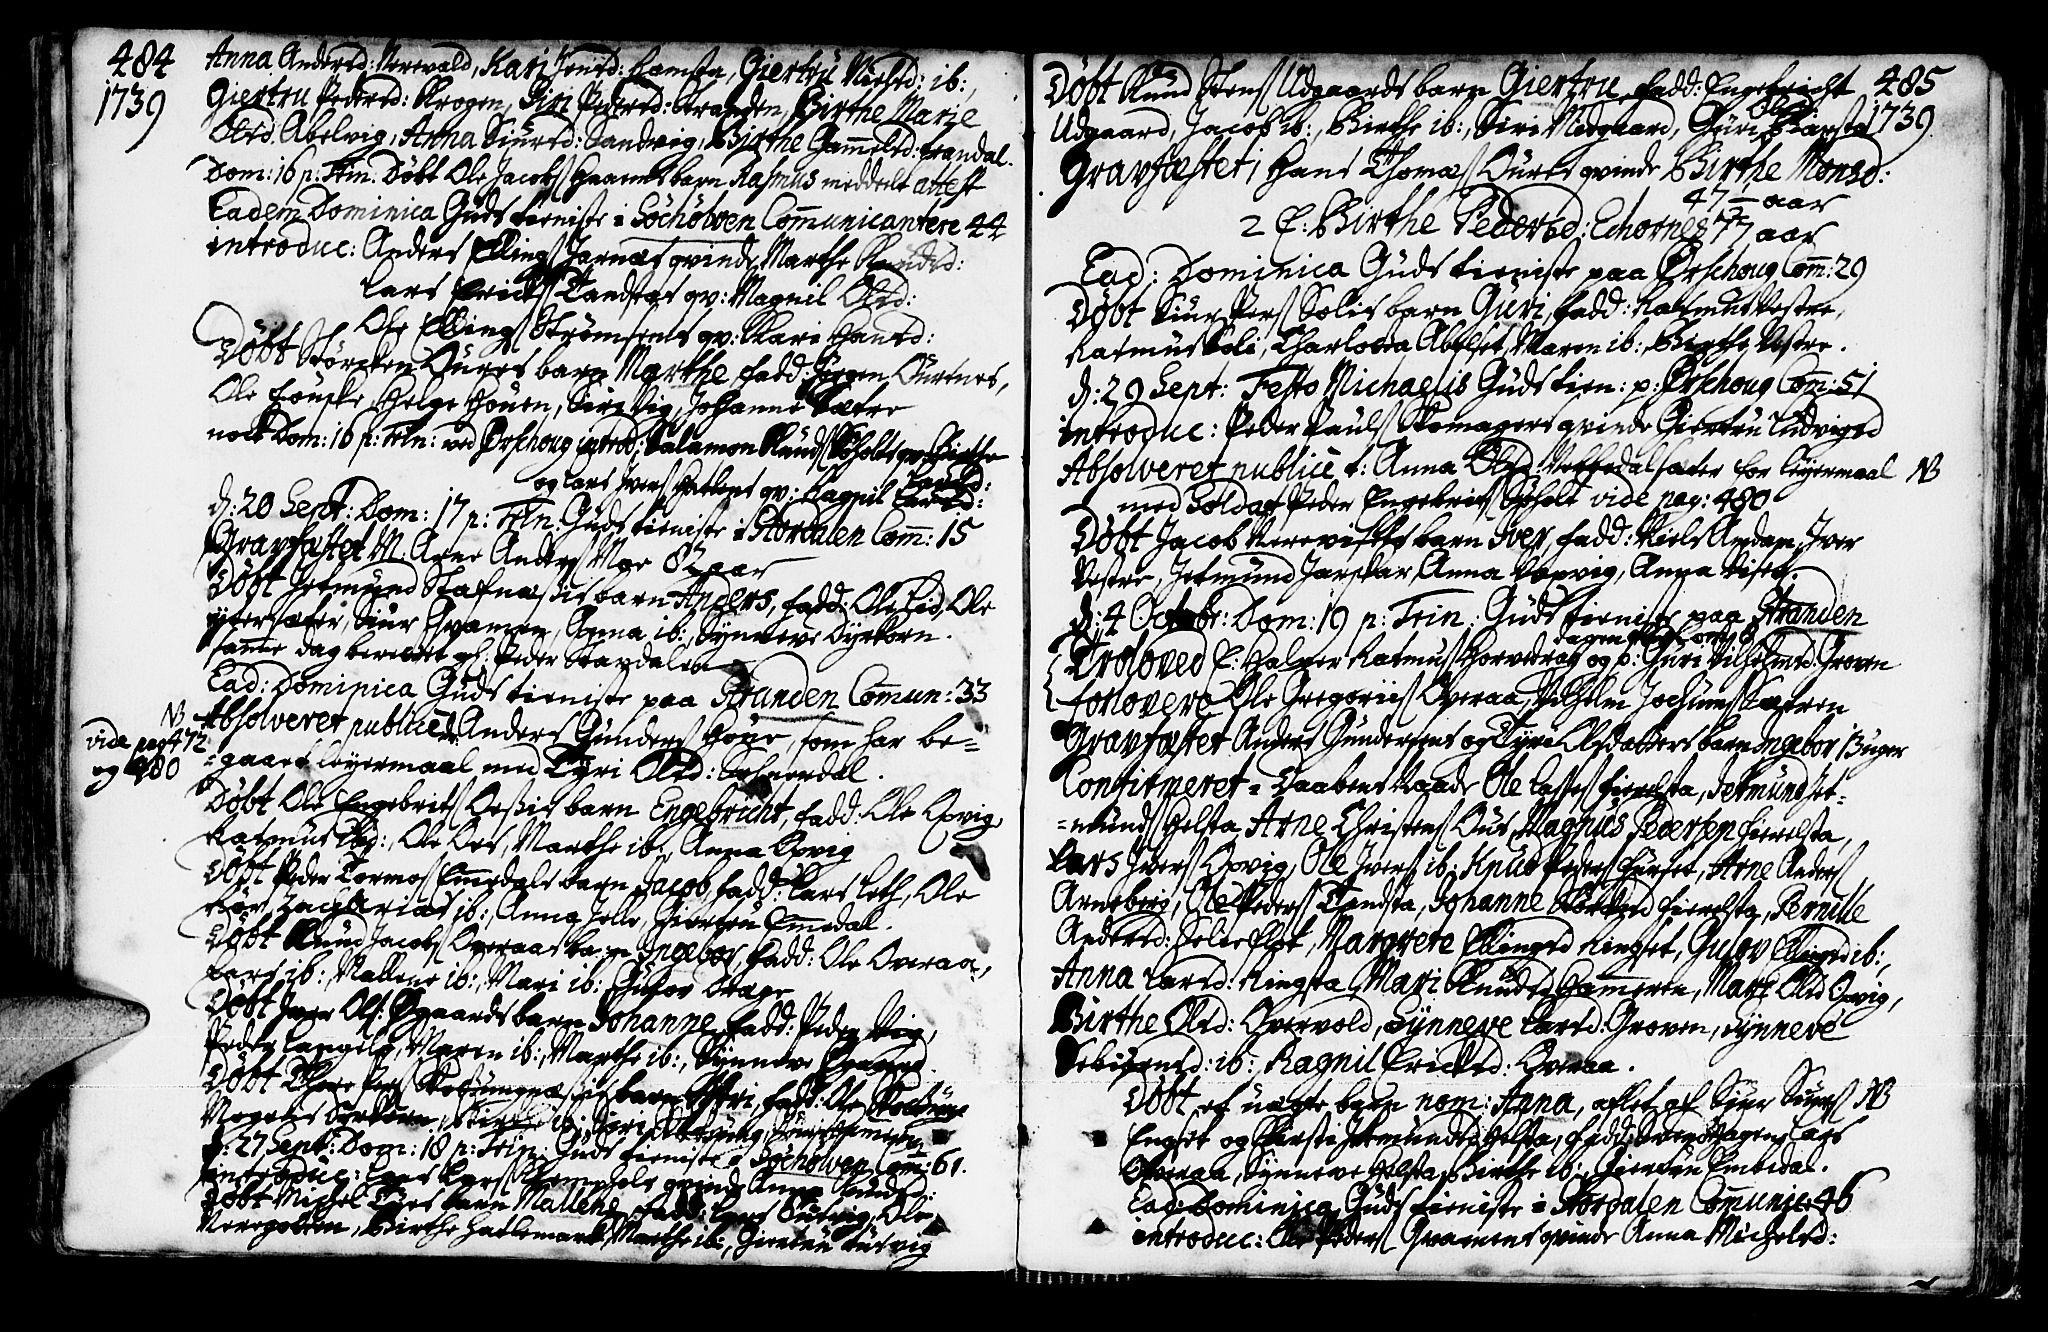 SAT, Ministerialprotokoller, klokkerbøker og fødselsregistre - Møre og Romsdal, 522/L0306: Ministerialbok nr. 522A01, 1720-1743, s. 484-485